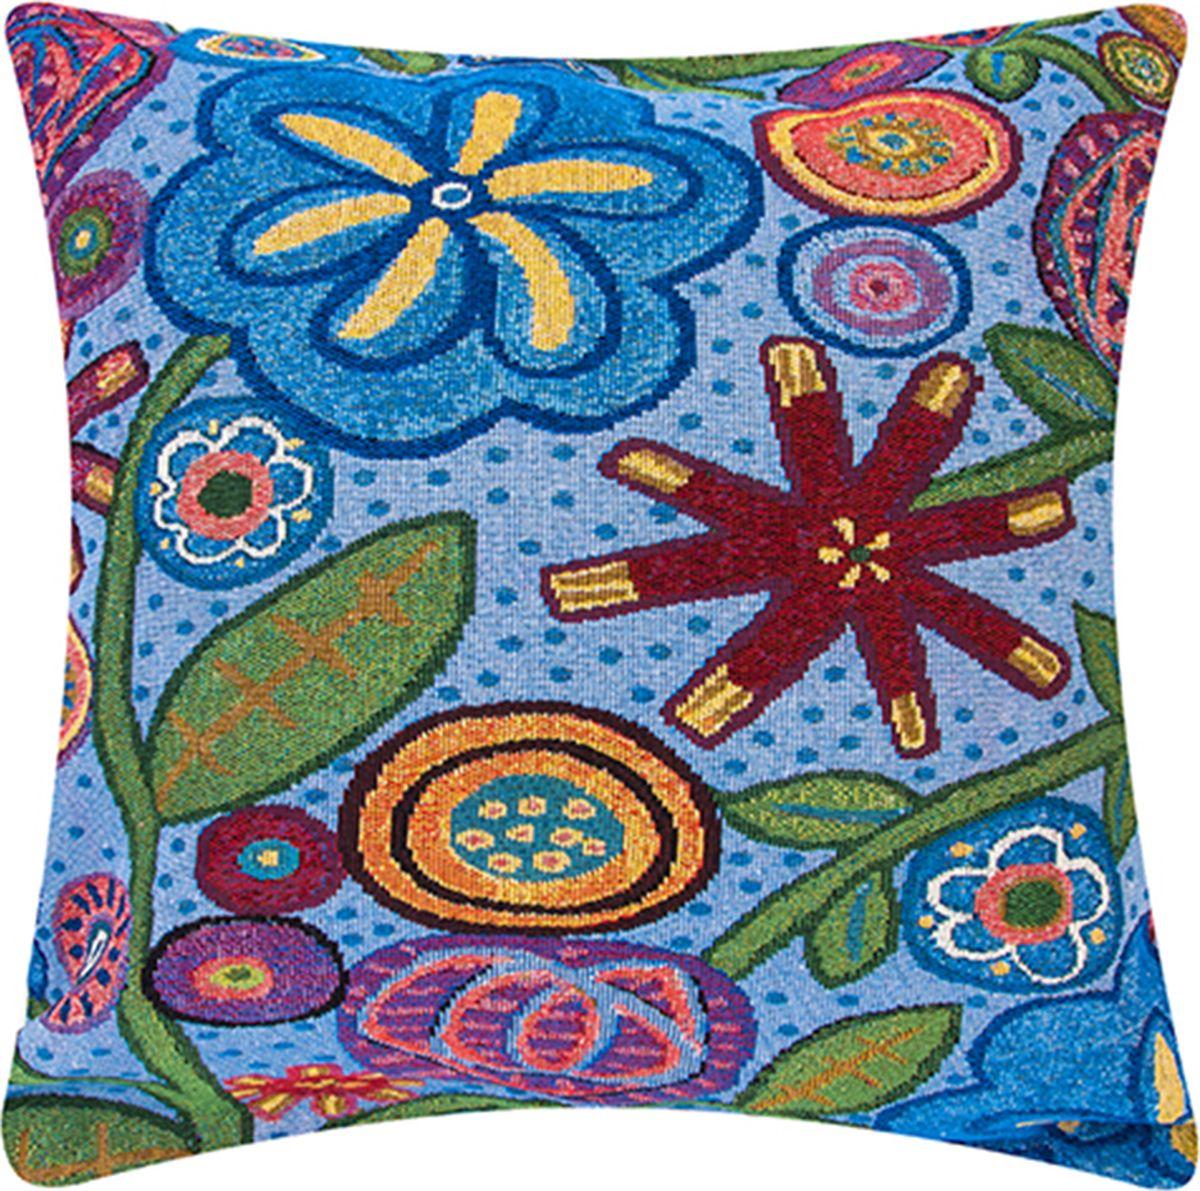 Подушка декоративная EL Casa Яркое лето, 43 x 43 см171688Декоративная подушка прекрасно дополнит интерьер спальни или гостиной. Состав наволочки: лен -50%, полиэстер-50%. Она легко снимается, благодаря молнии. Внутри подушки находится мягкий наполнитель.